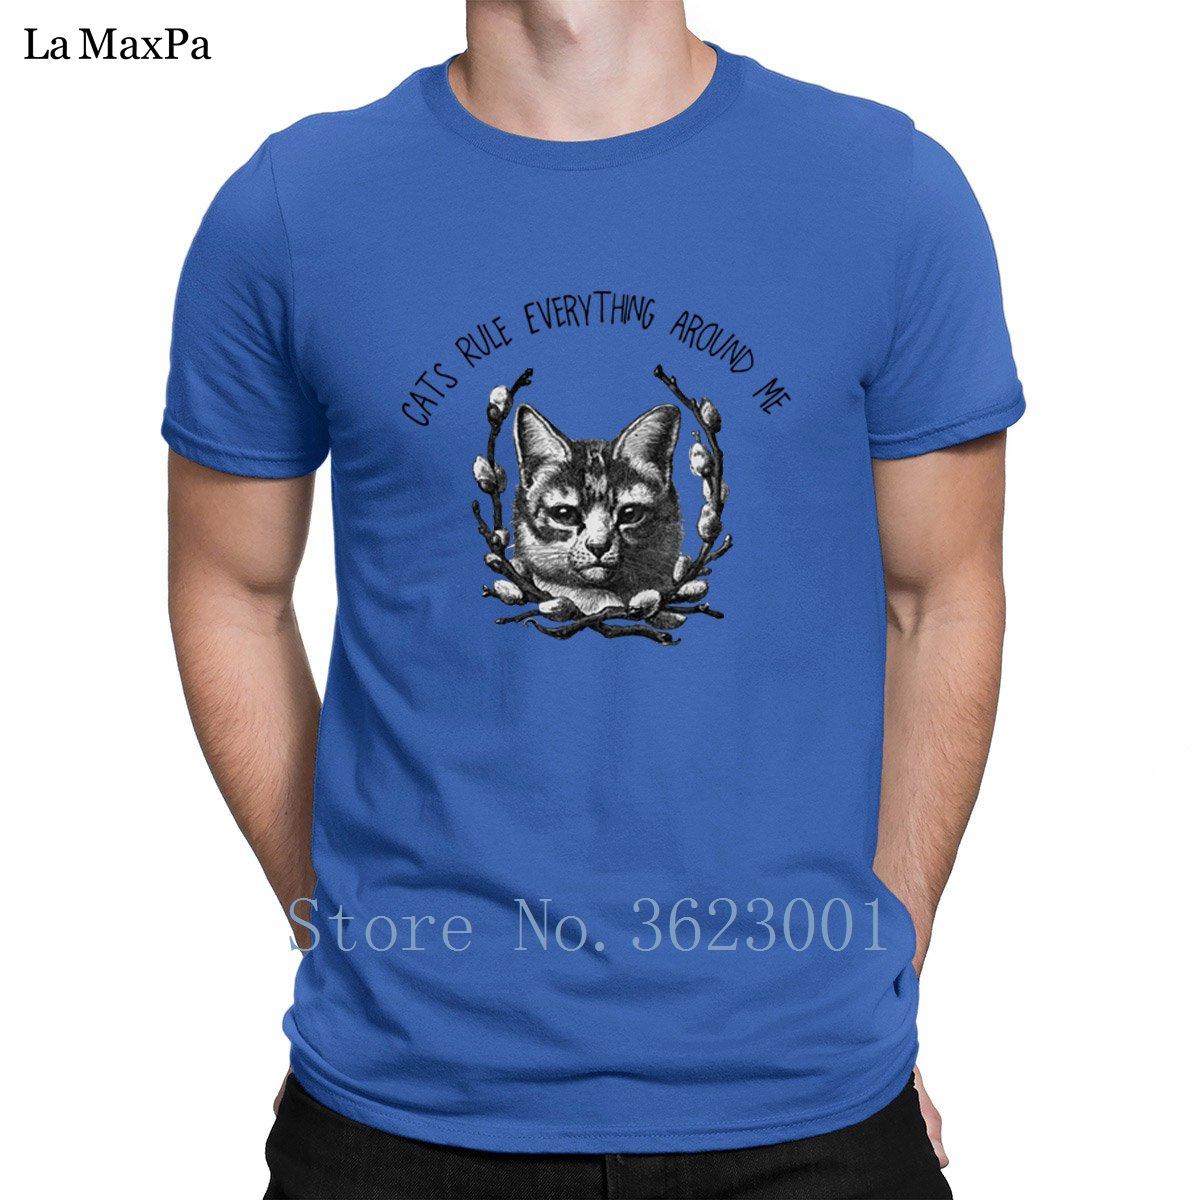 Дизайн интересные Для мужчин футболка c. r. e. a. м. в блюдце kthxbai футболка летние Футболка с буквенным принтом для Для мужчин новый Для Мужчинs Ф...